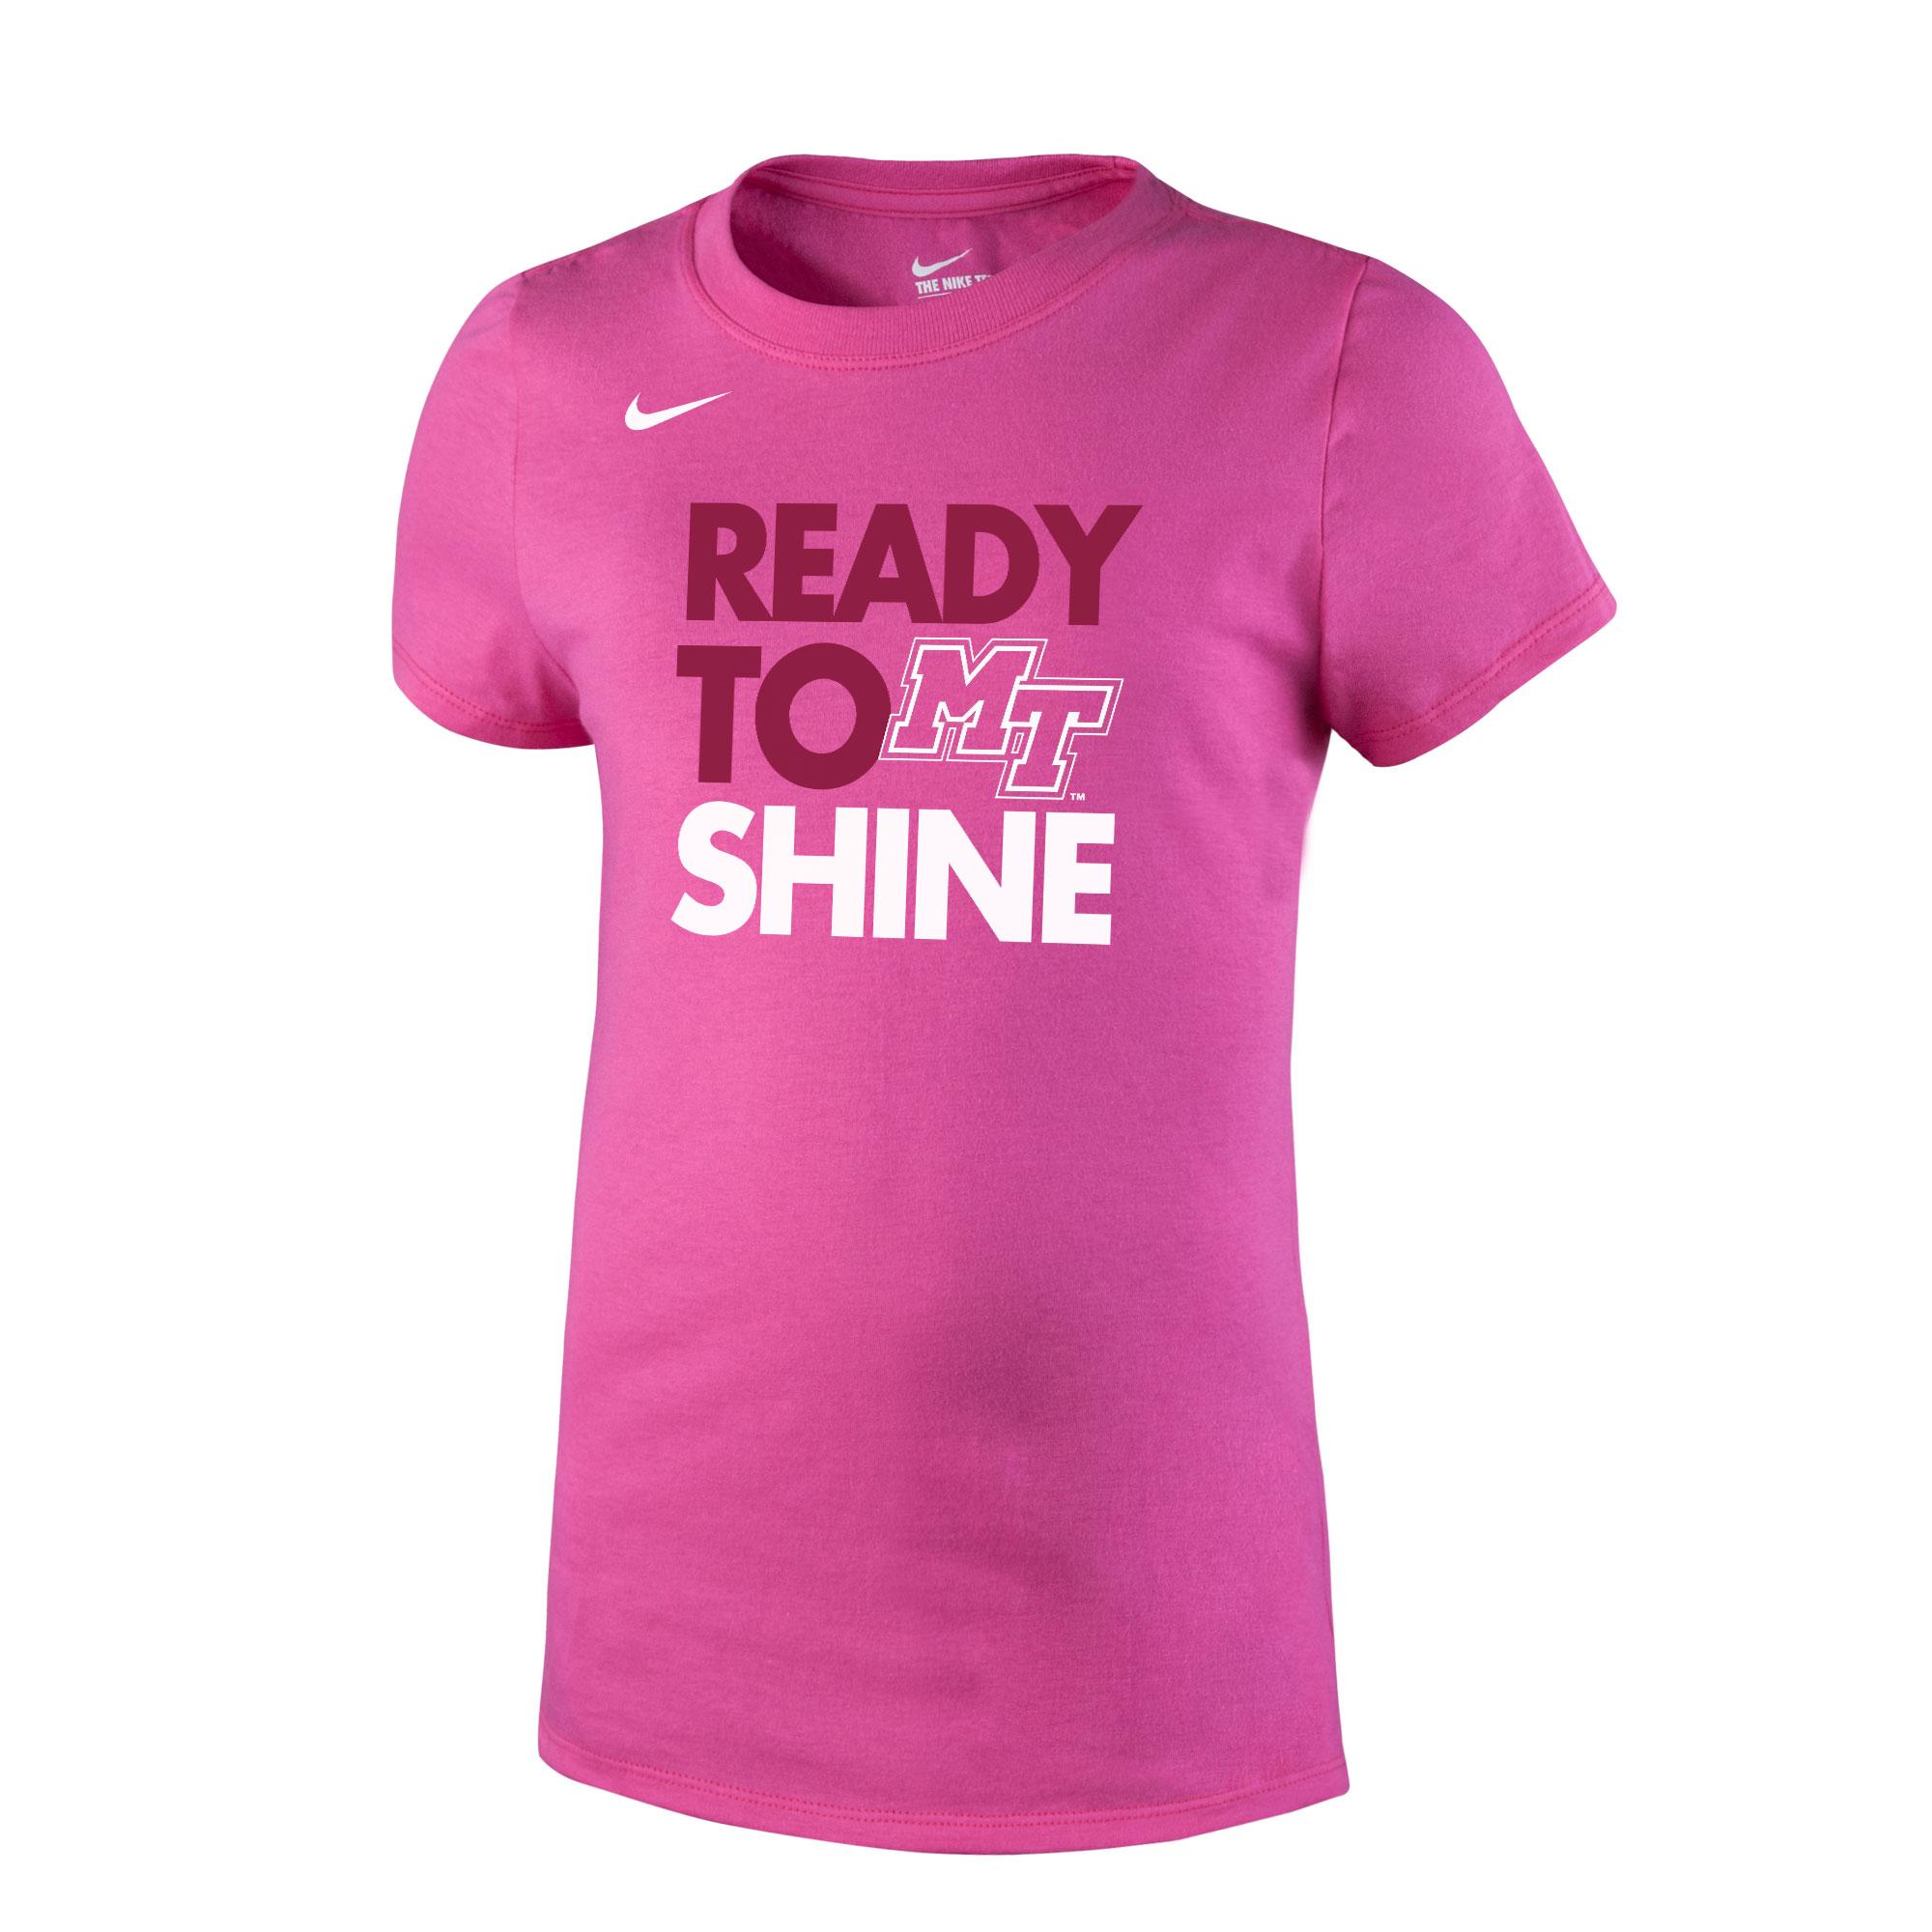 Youth Ready to Shine Girls Core Nike® Shirt